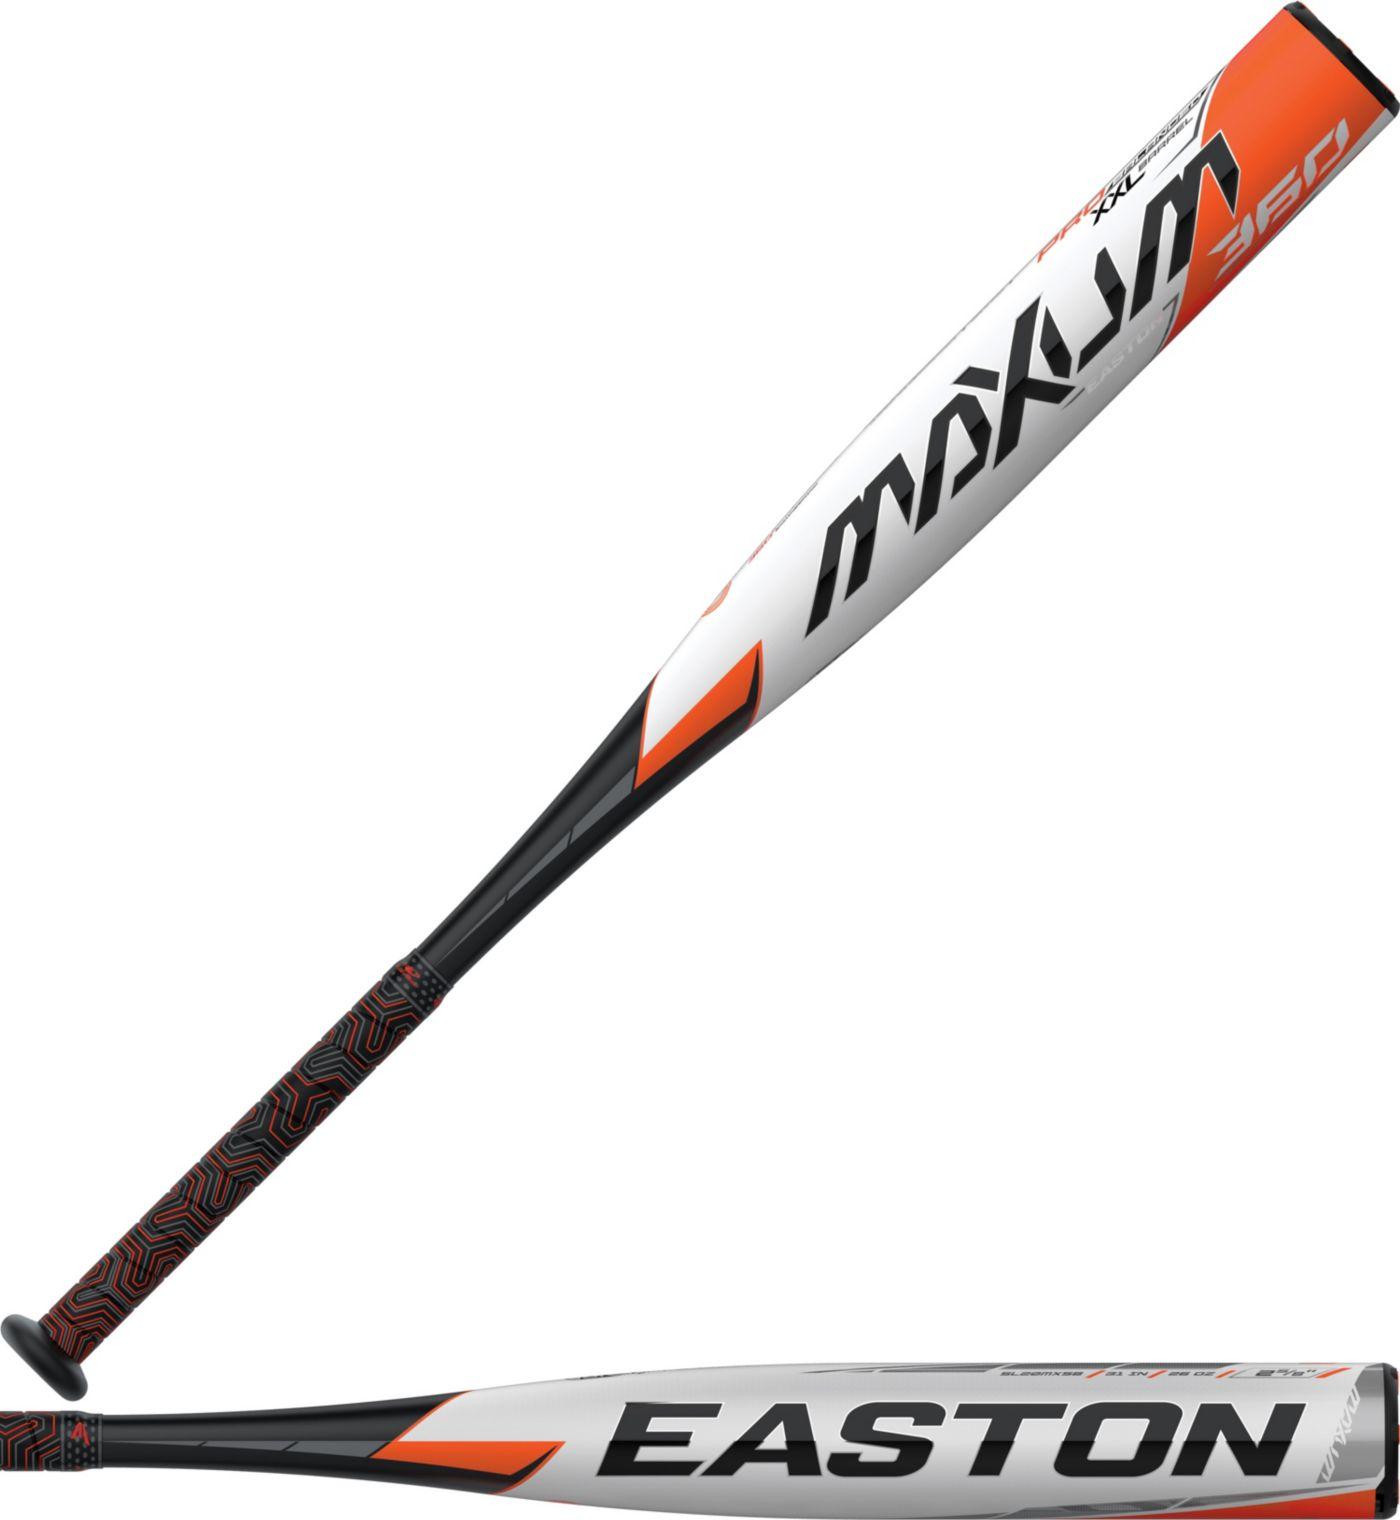 Easton Maxum 360 USSSA Bat 2020 (-5)